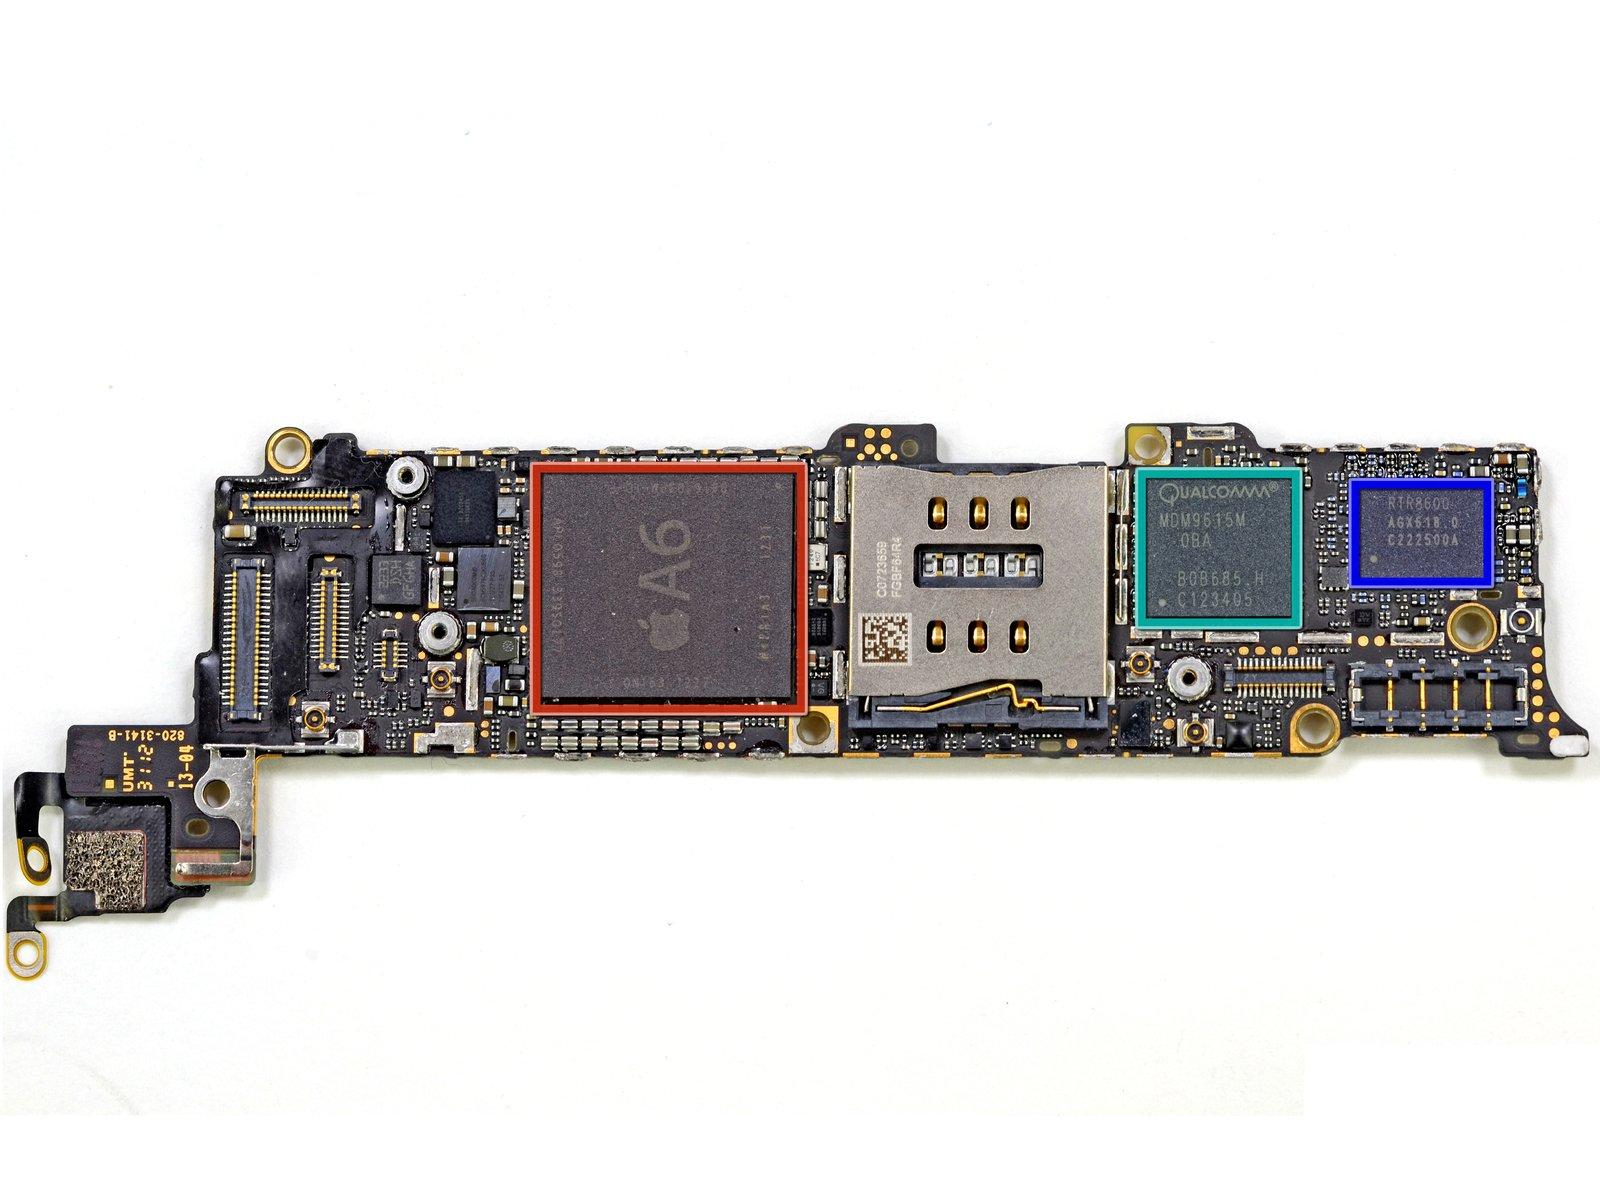 Intel kan börja tillverka Apple A7 -processorer, vilket kan hamna i iPhone 5S.